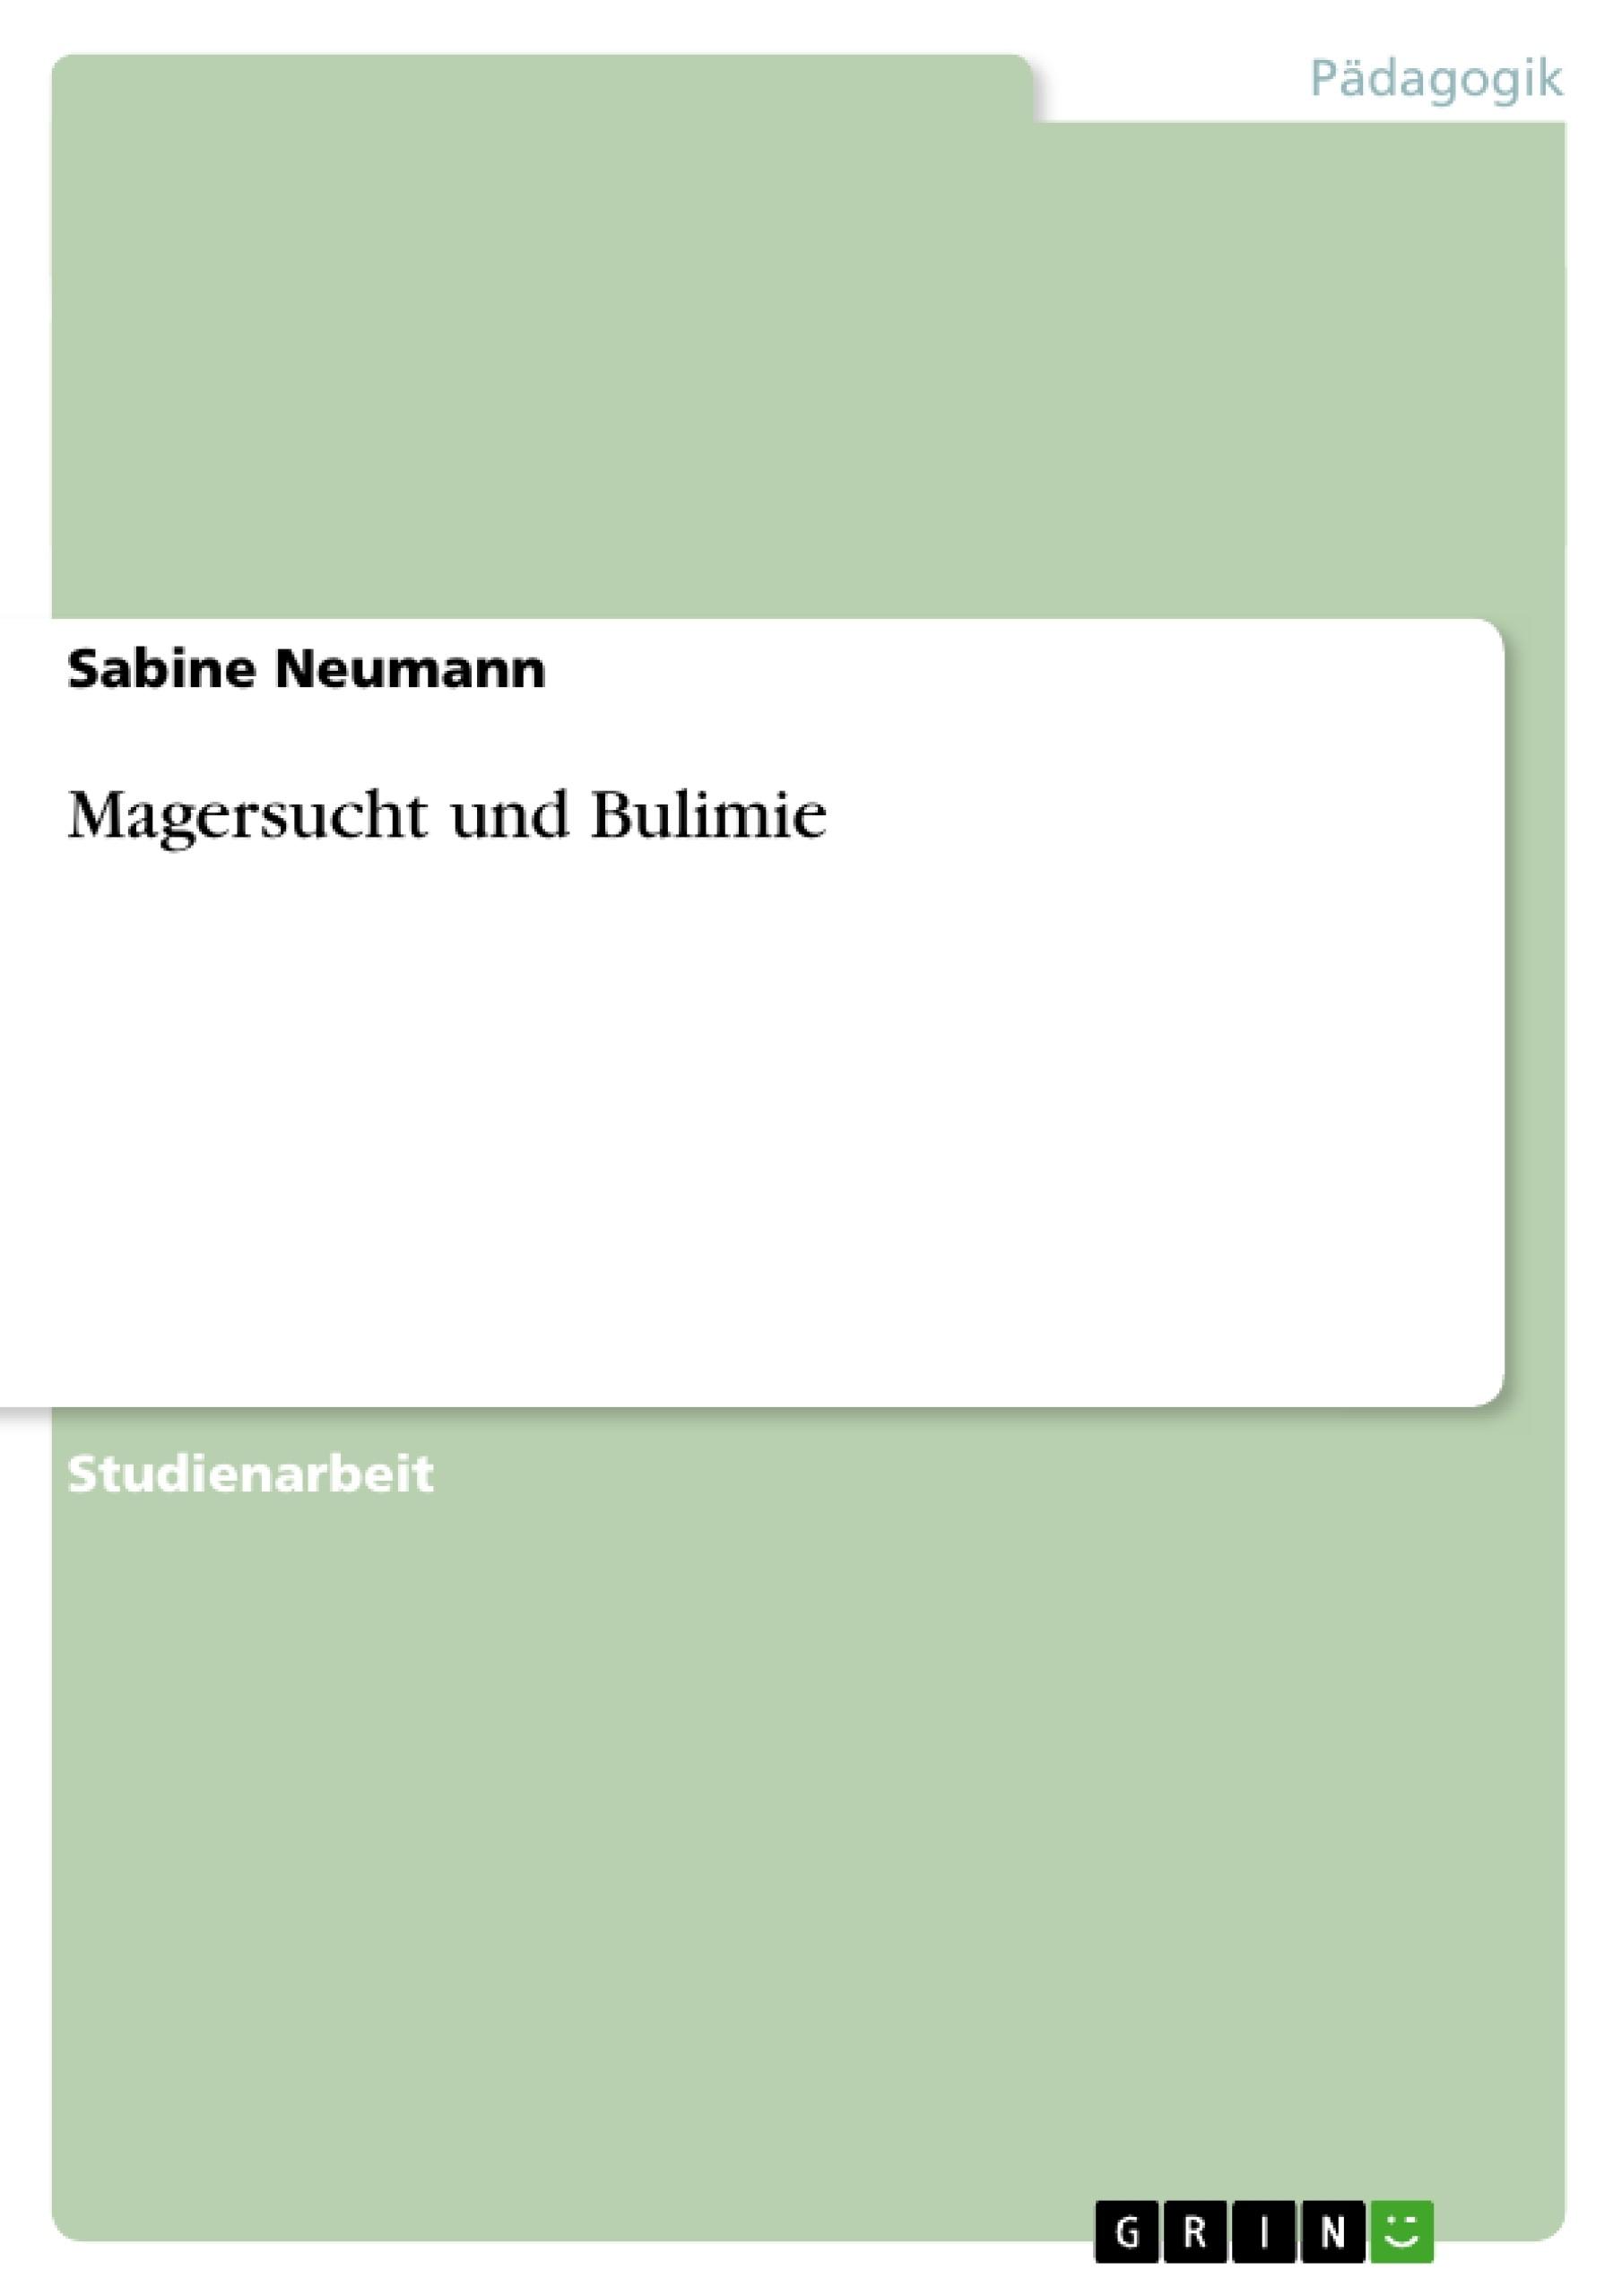 Titel: Magersucht und Bulimie